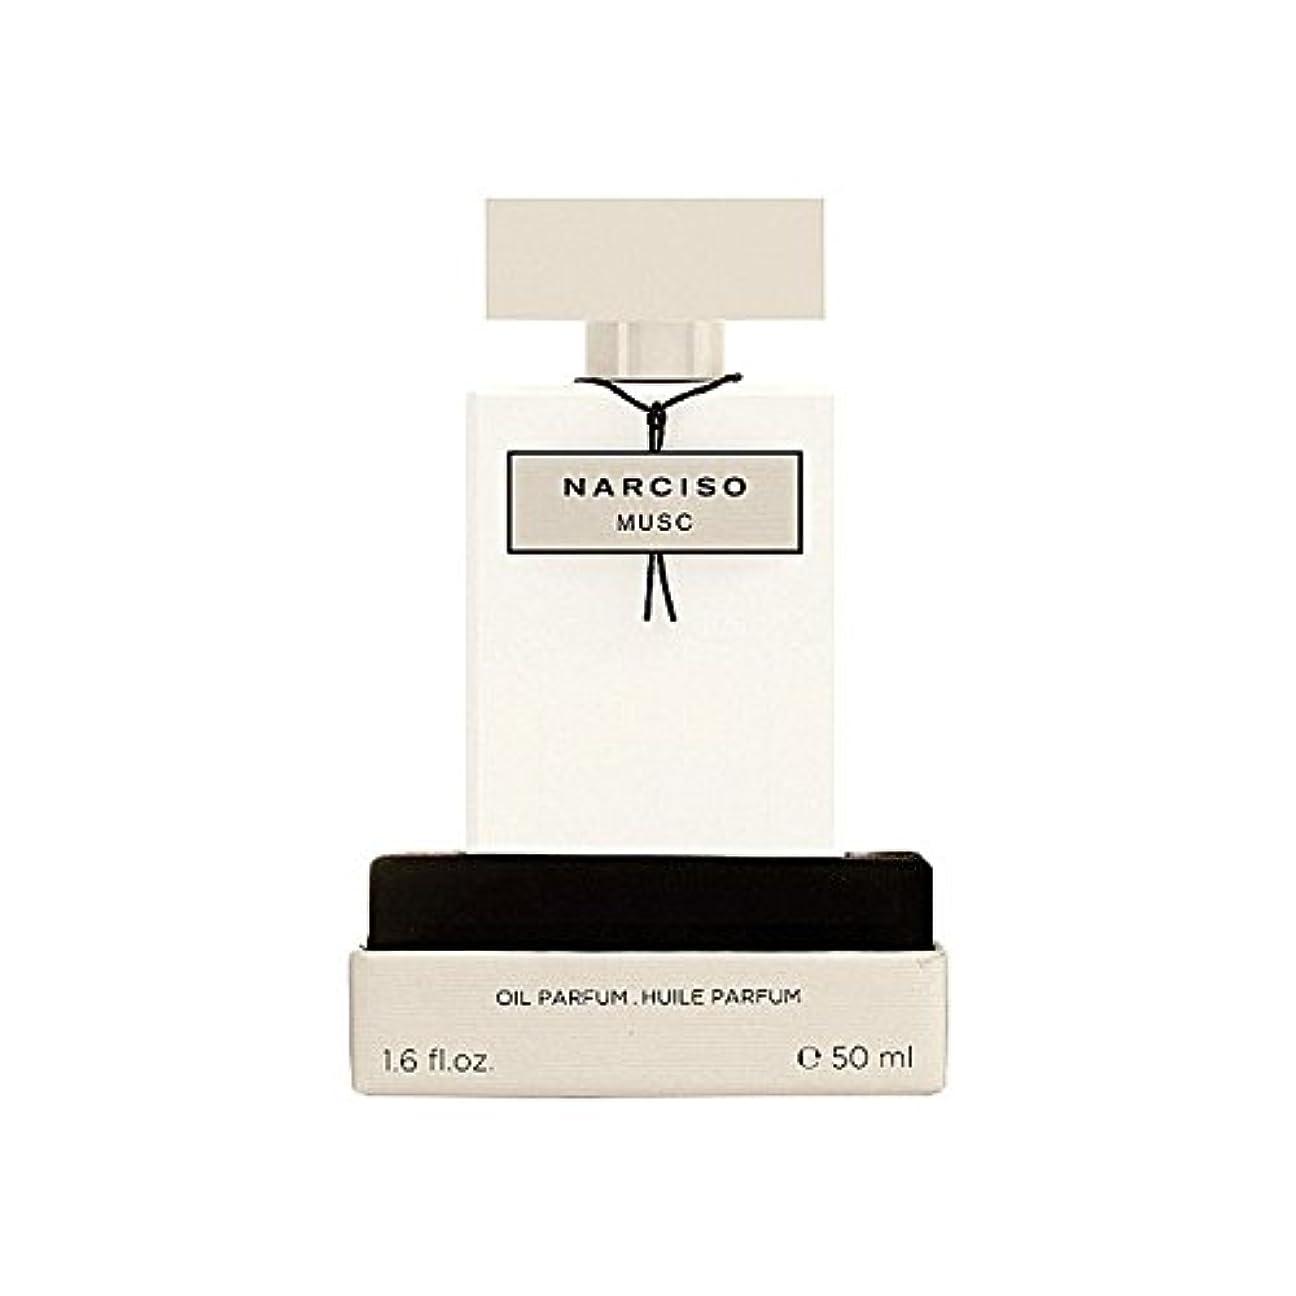 フレッシュ鳴らす傾斜ナルシソ?ロドリゲスナルシソオイル50ミリリットル x2 - Narciso Rodriguez Narciso Musc Oil 50ml (Pack of 2) [並行輸入品]